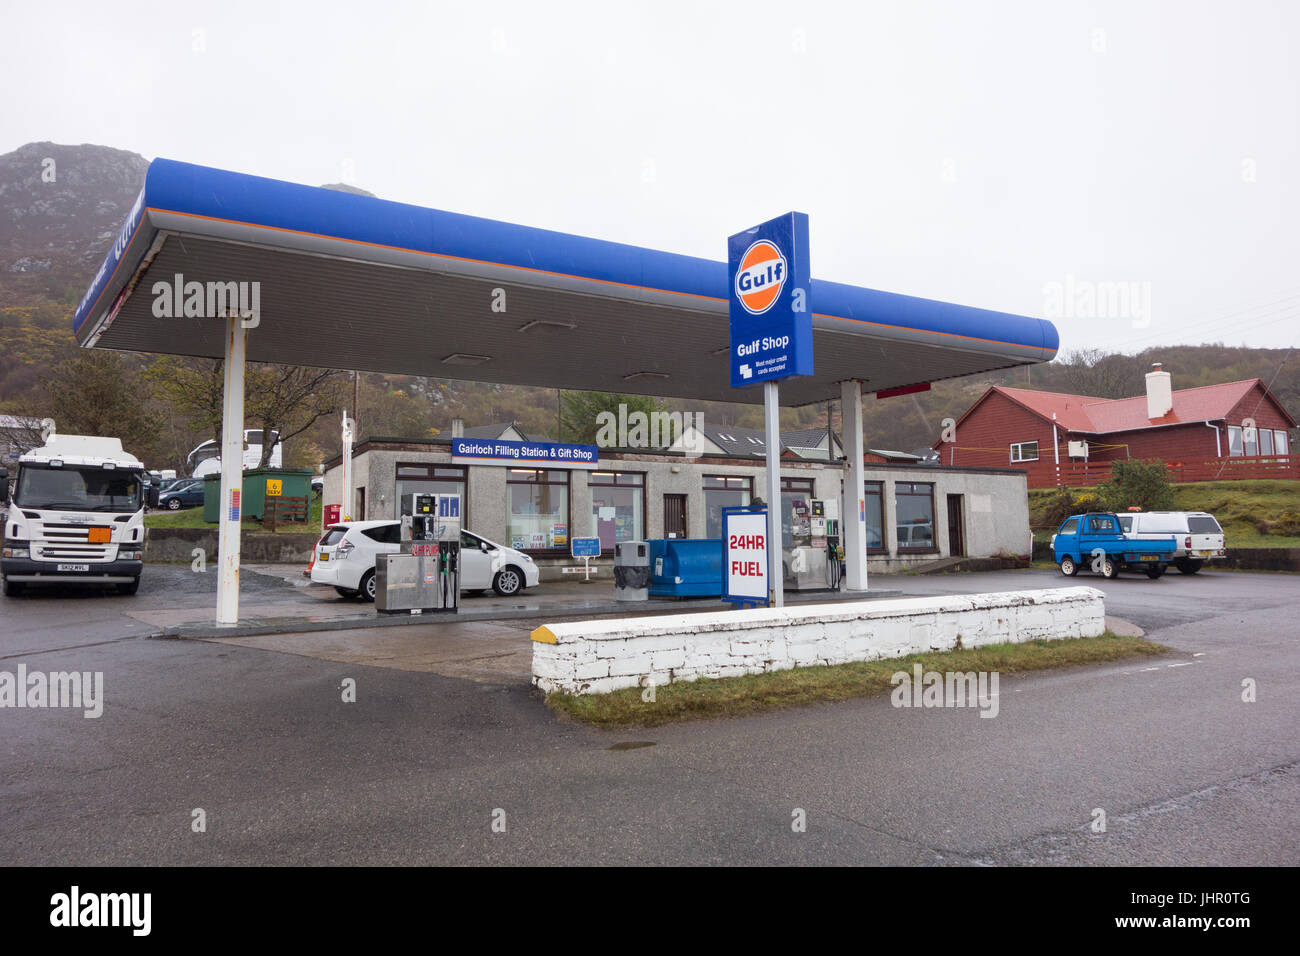 Gulf filling station, Gairloch, Scotland, UK - Stock Image